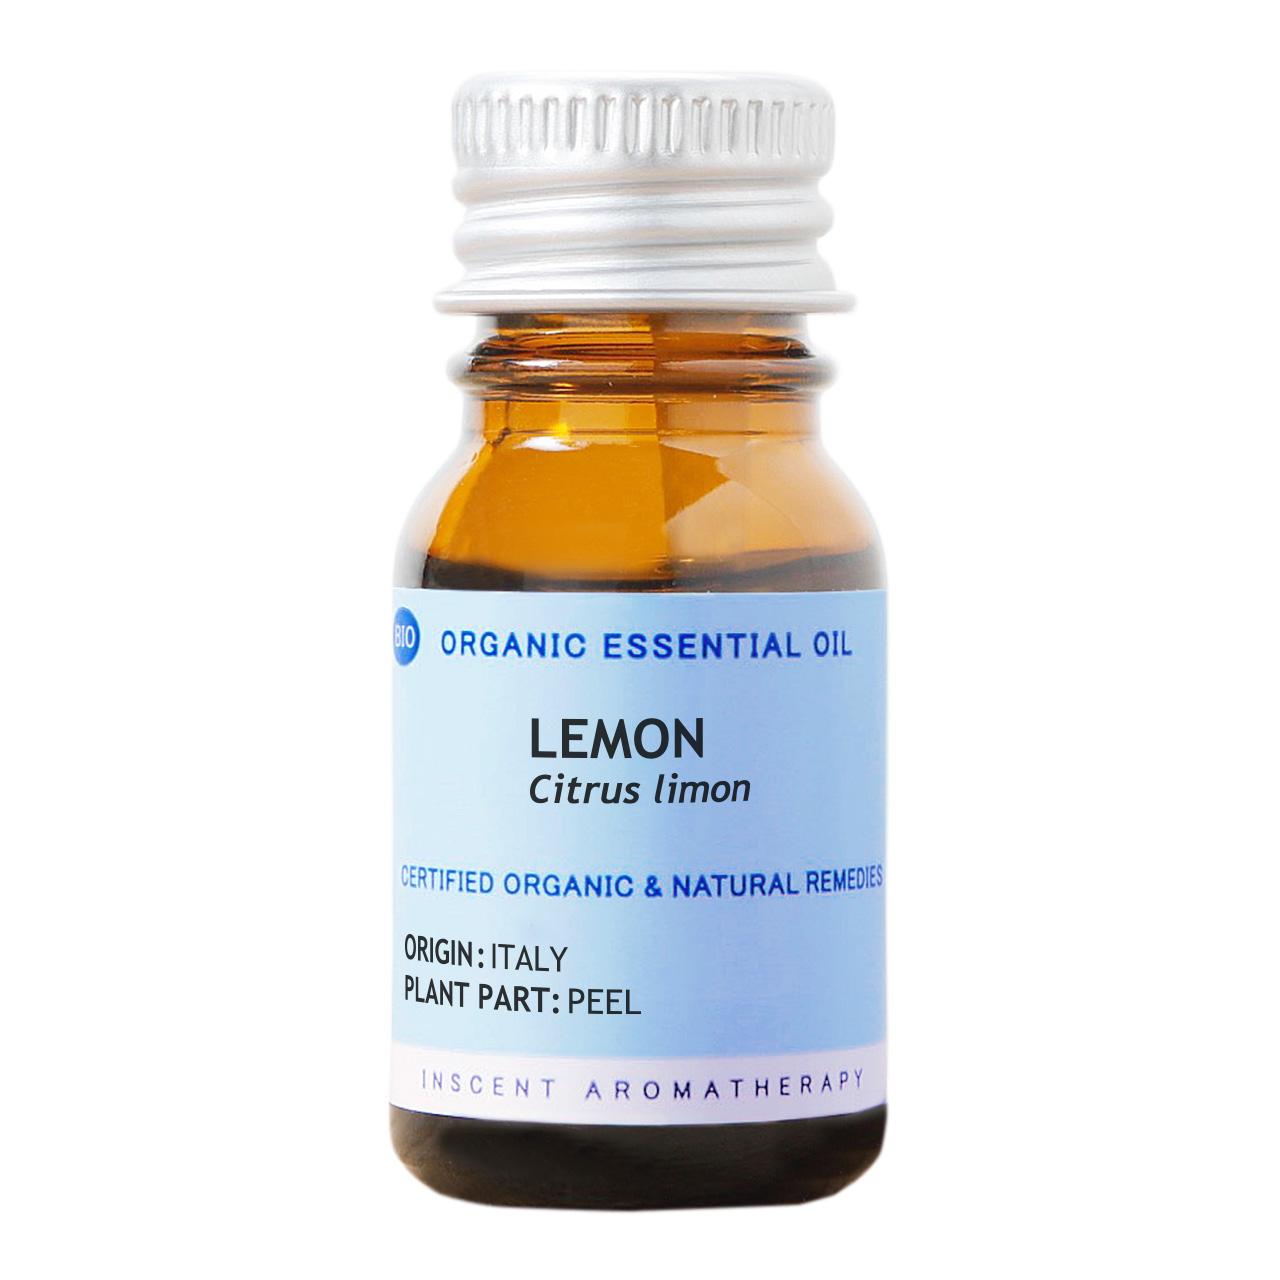 [オーガニック] レモン 10ml インセントオーガニック エッセンシャルオイル 精油